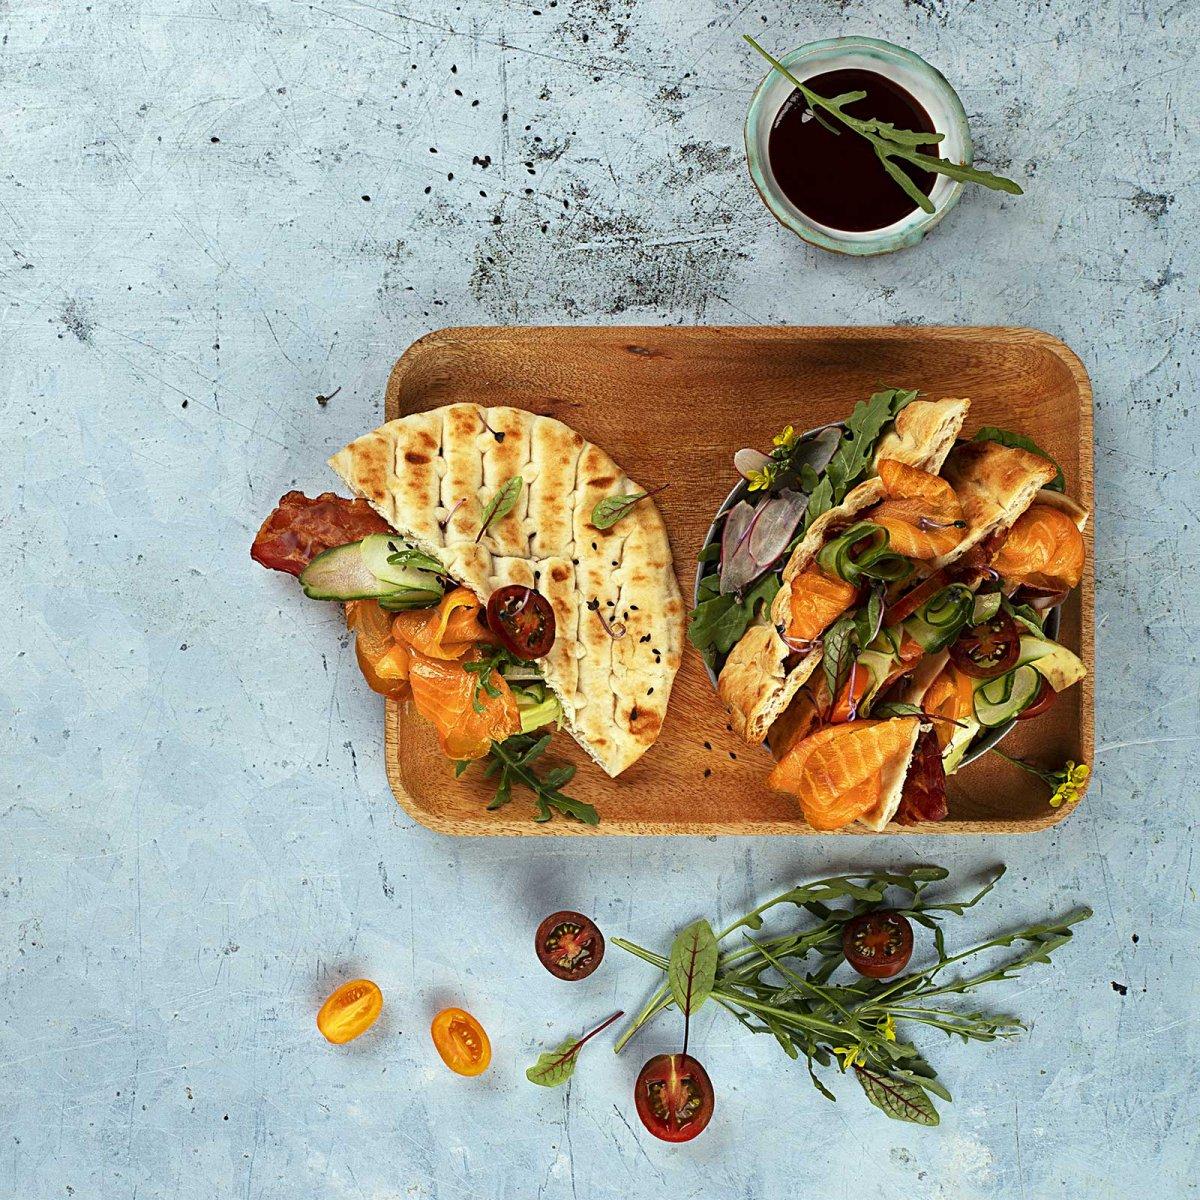 Pita z wędzonym łososiem MOWI, ogórkiem, pomidorami, rukolą, awocado i sosem BBQ